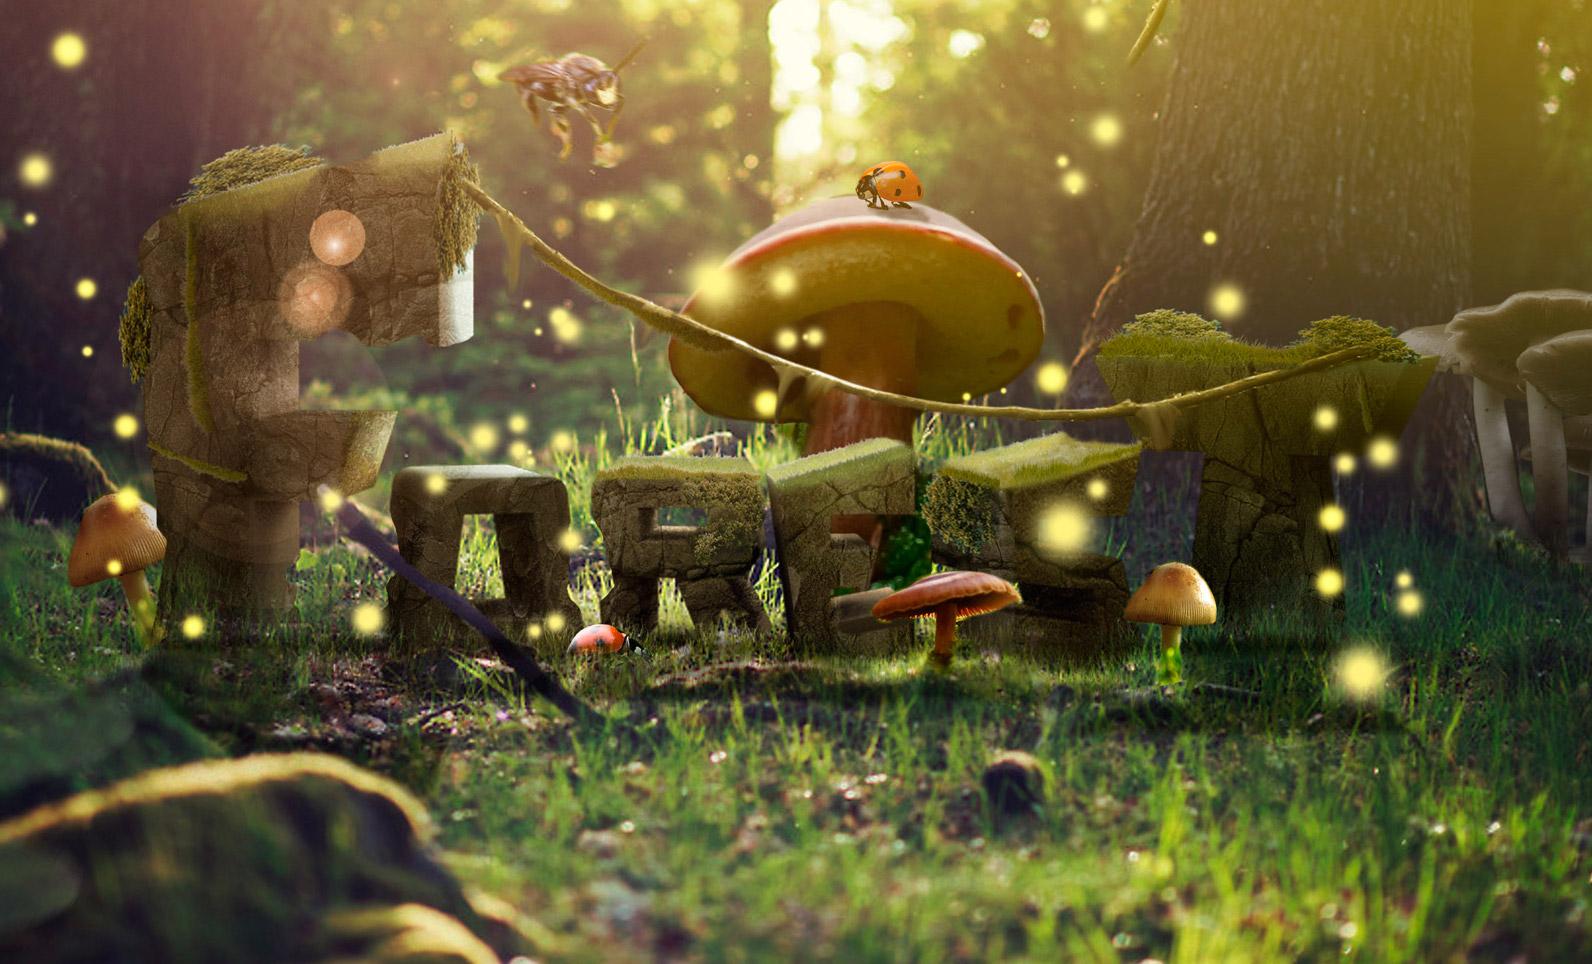 Typo Mushroom